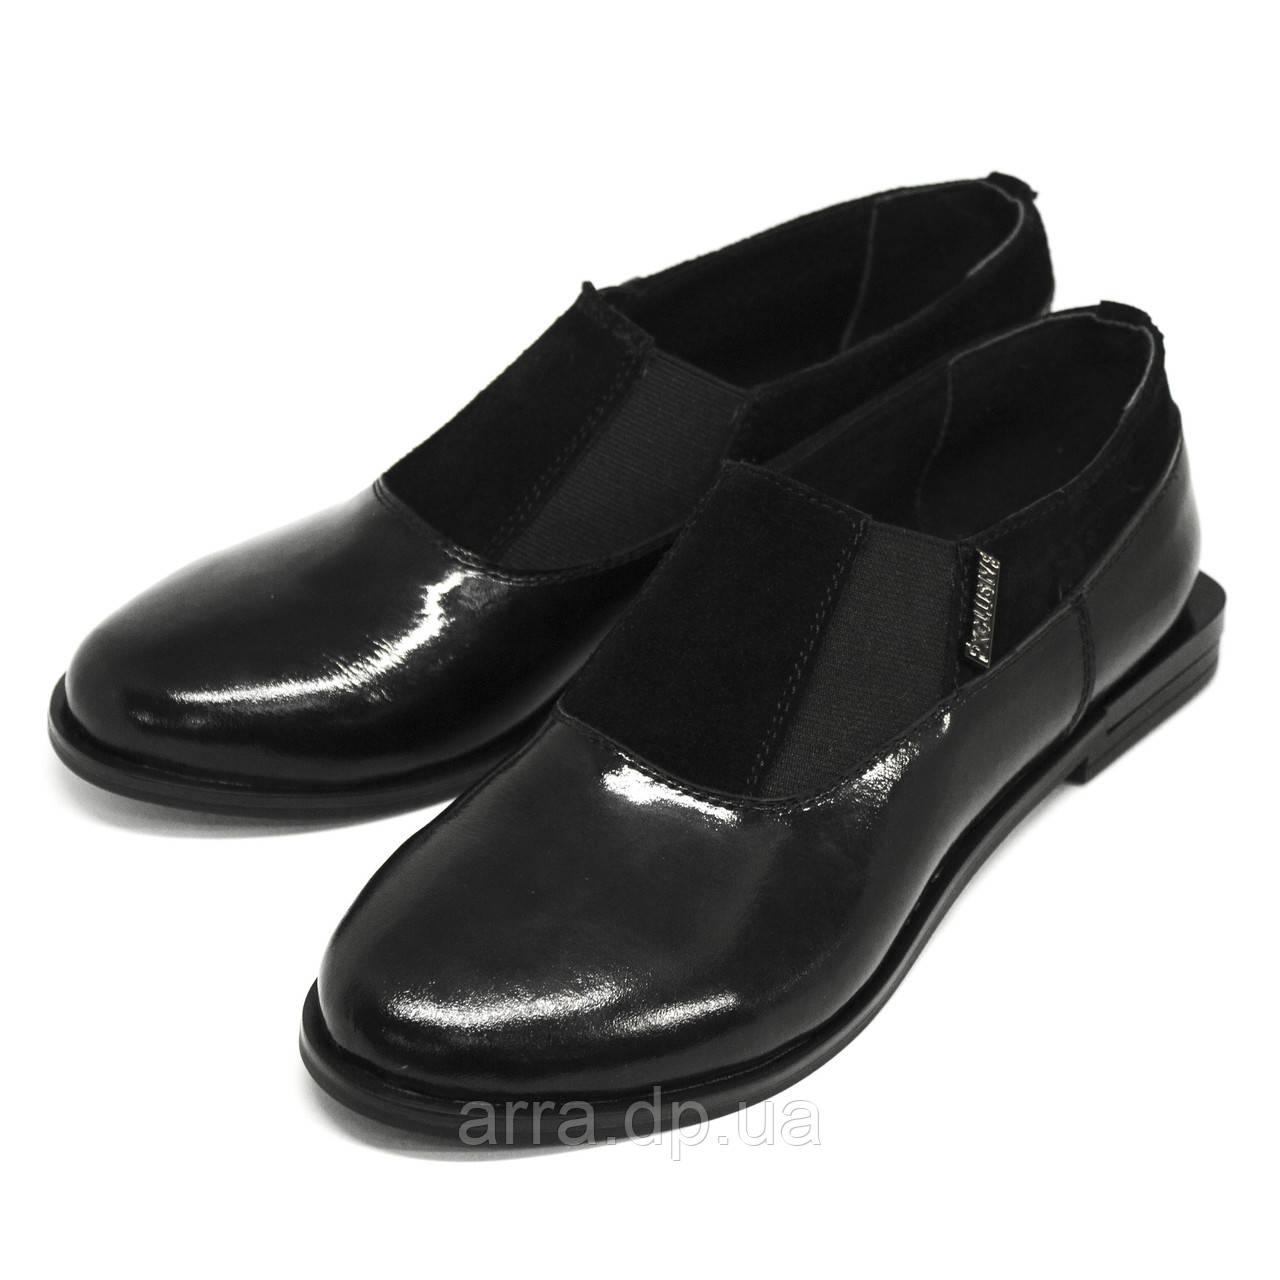 Туфли женские лаковые с двумя резинками от производителя.